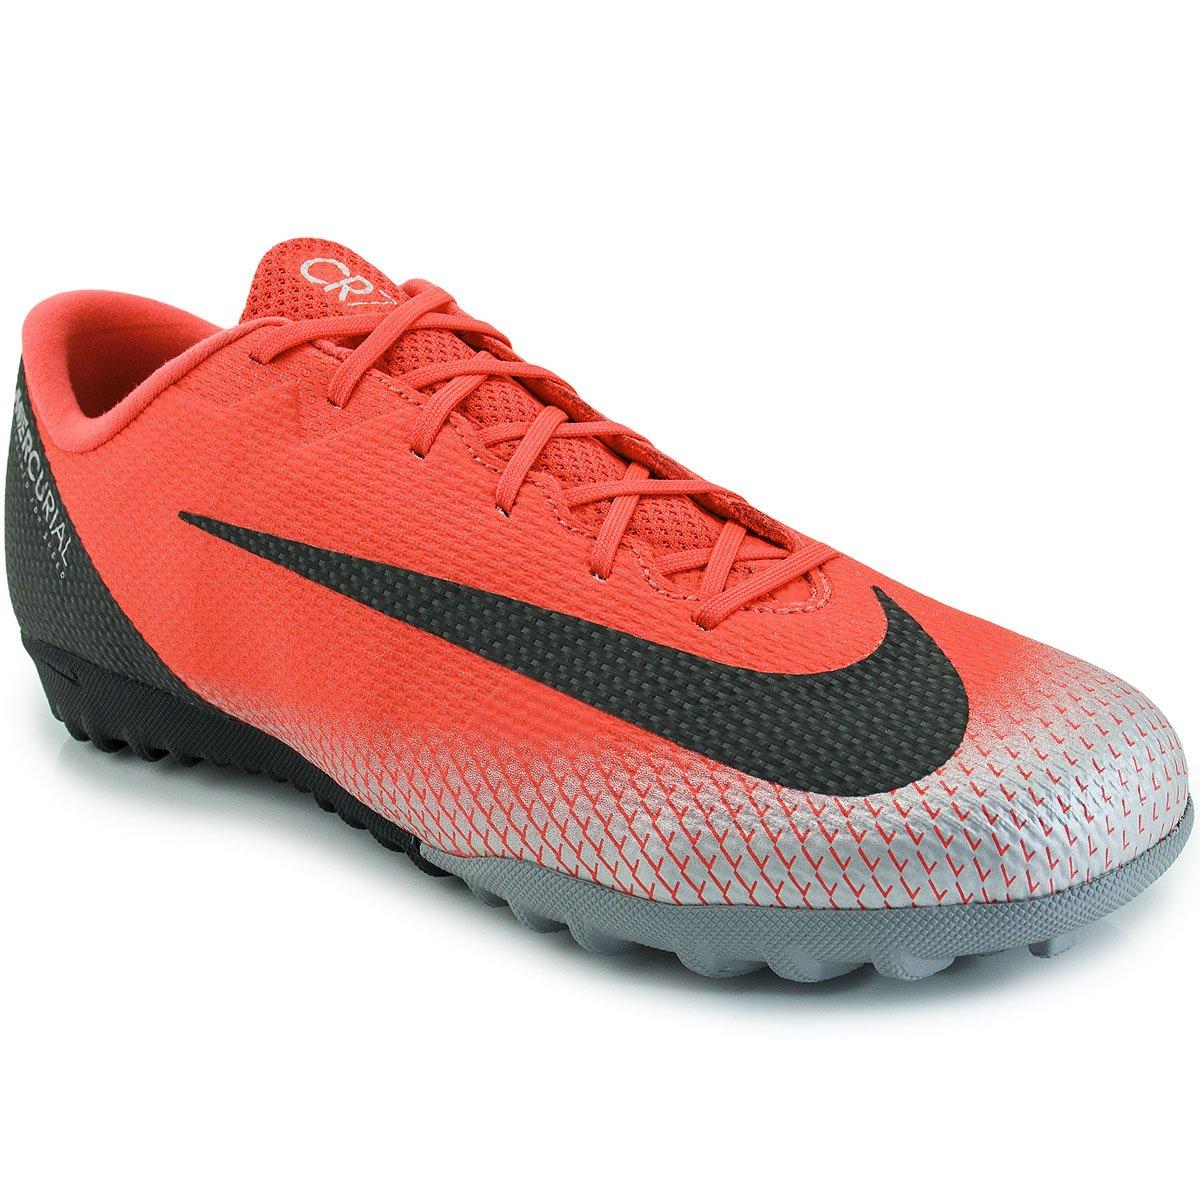 99b51dc588829 Chuteira Nike Mercurial Vapor X 12 Academy CR7 TF